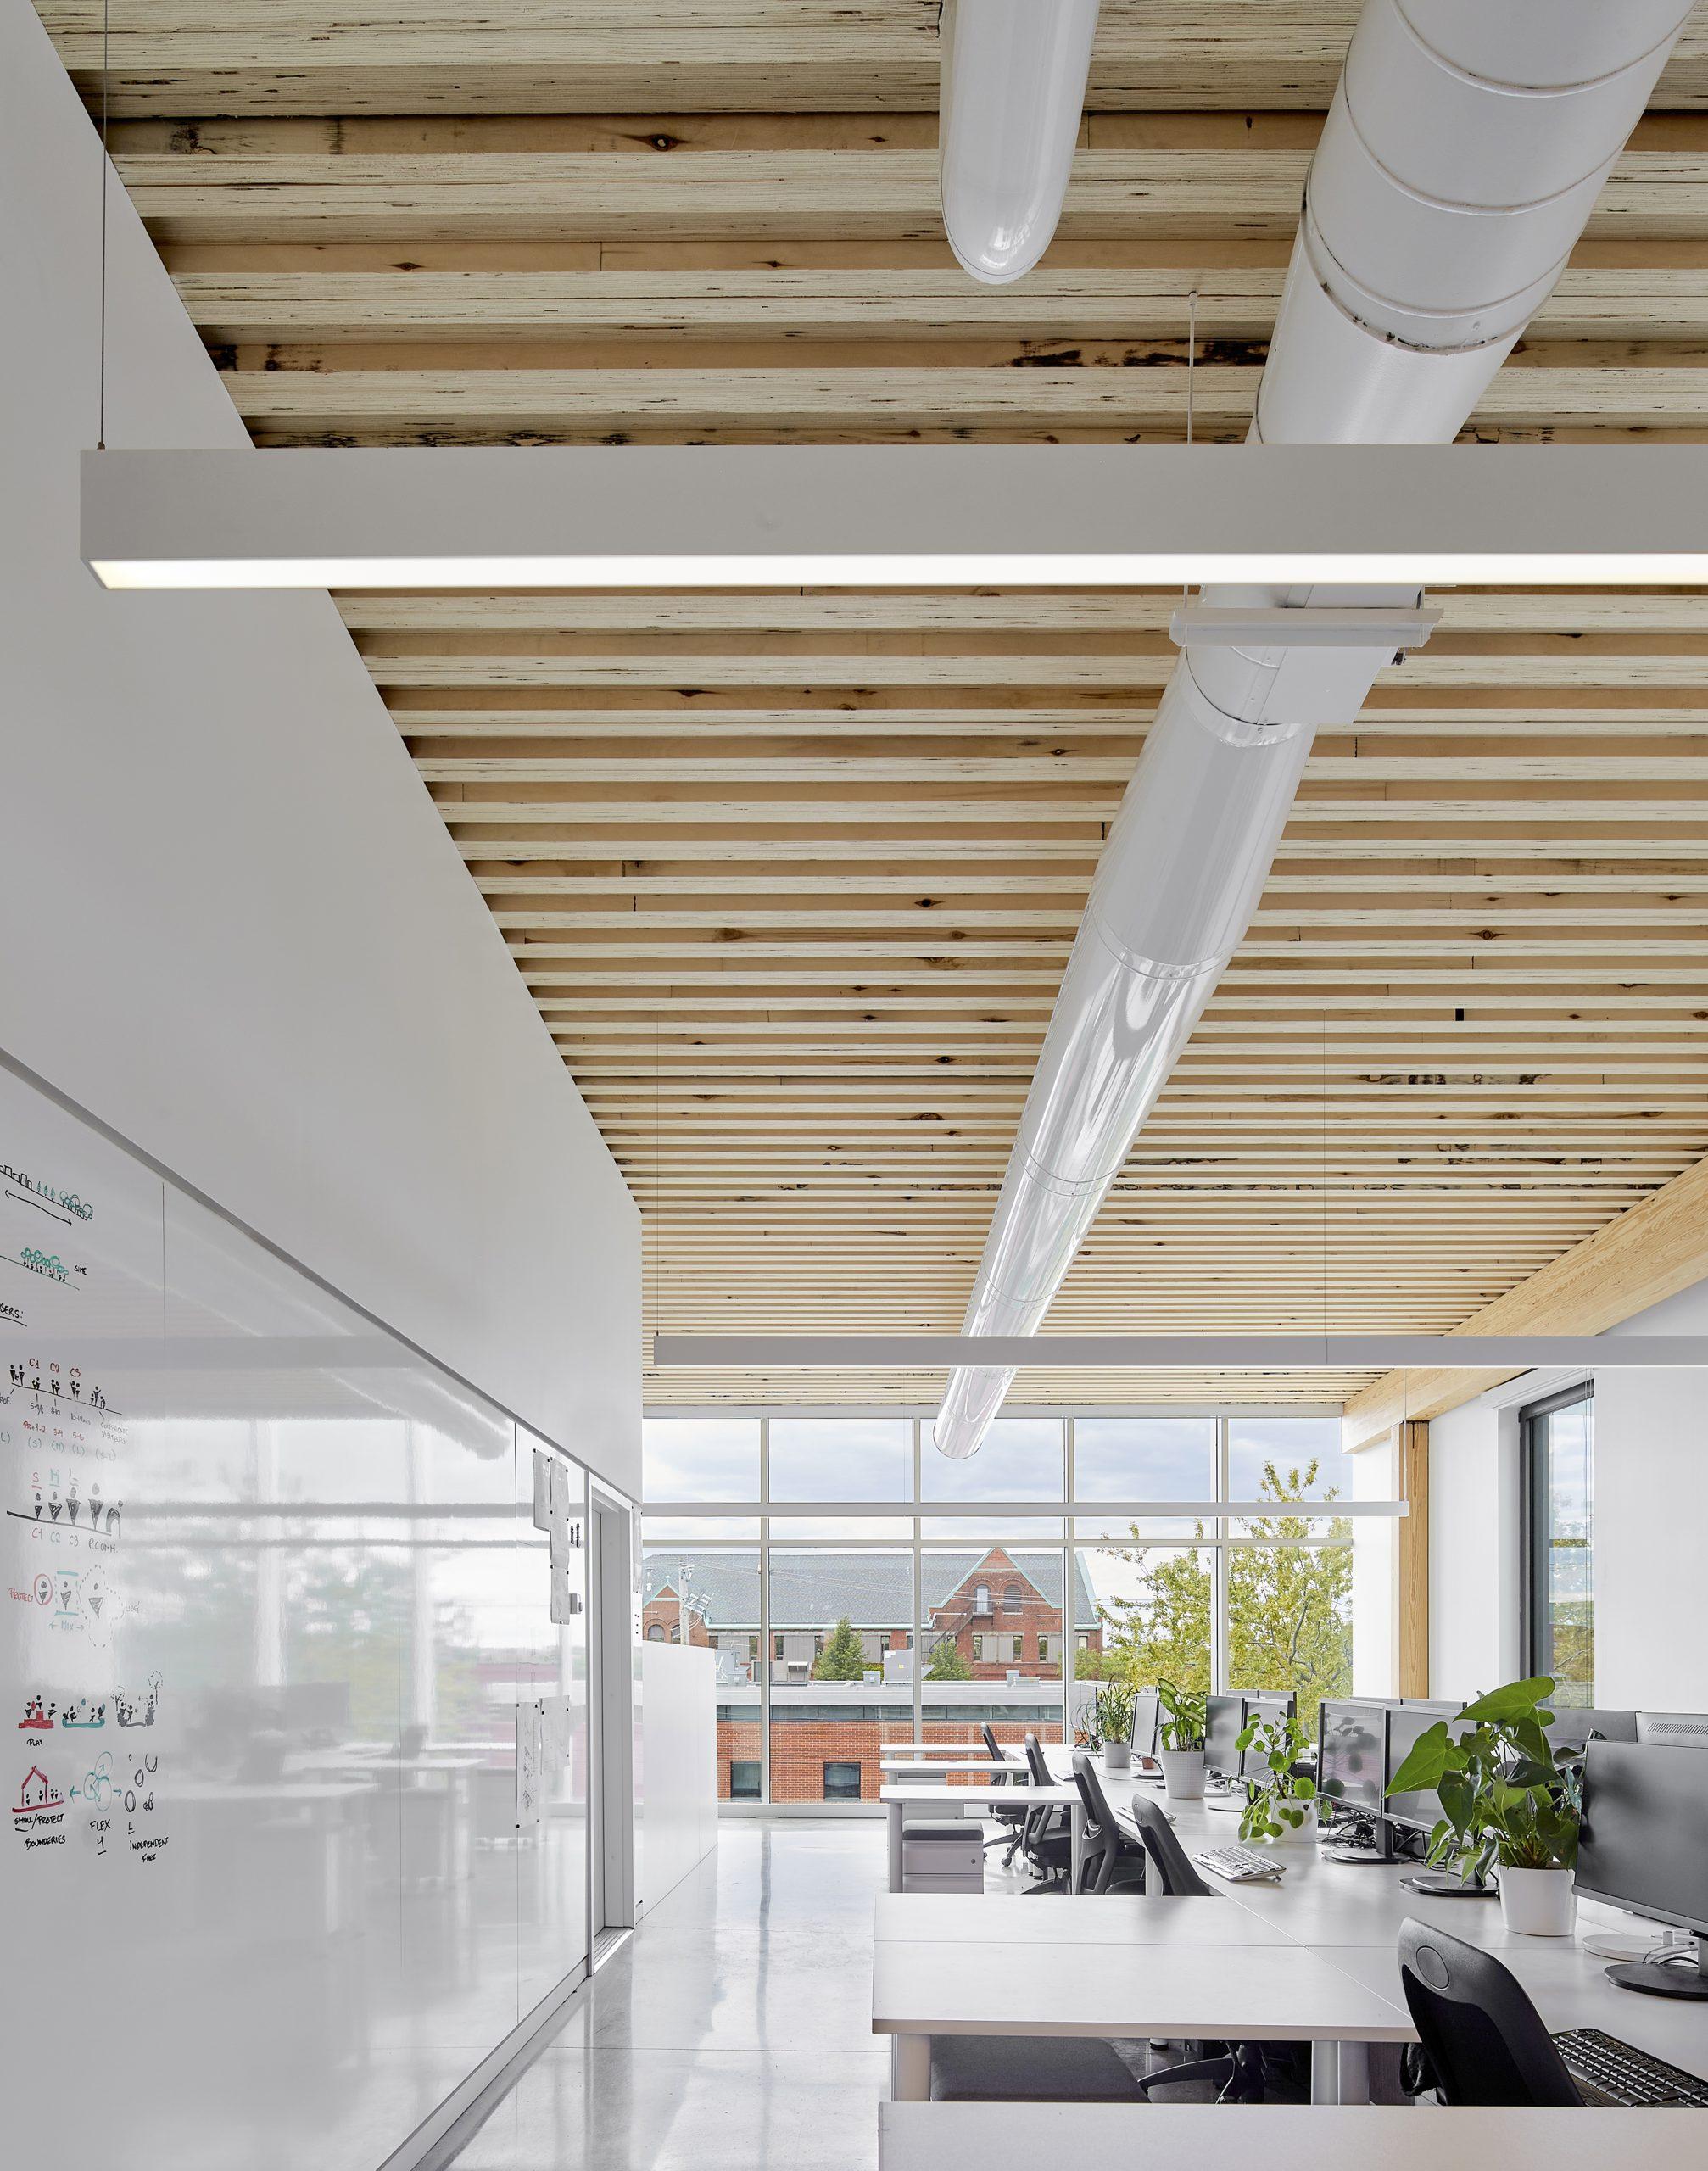 Agrandissement des bureaux de Jodoin Lamarre Pratte architectes Cecobois 5